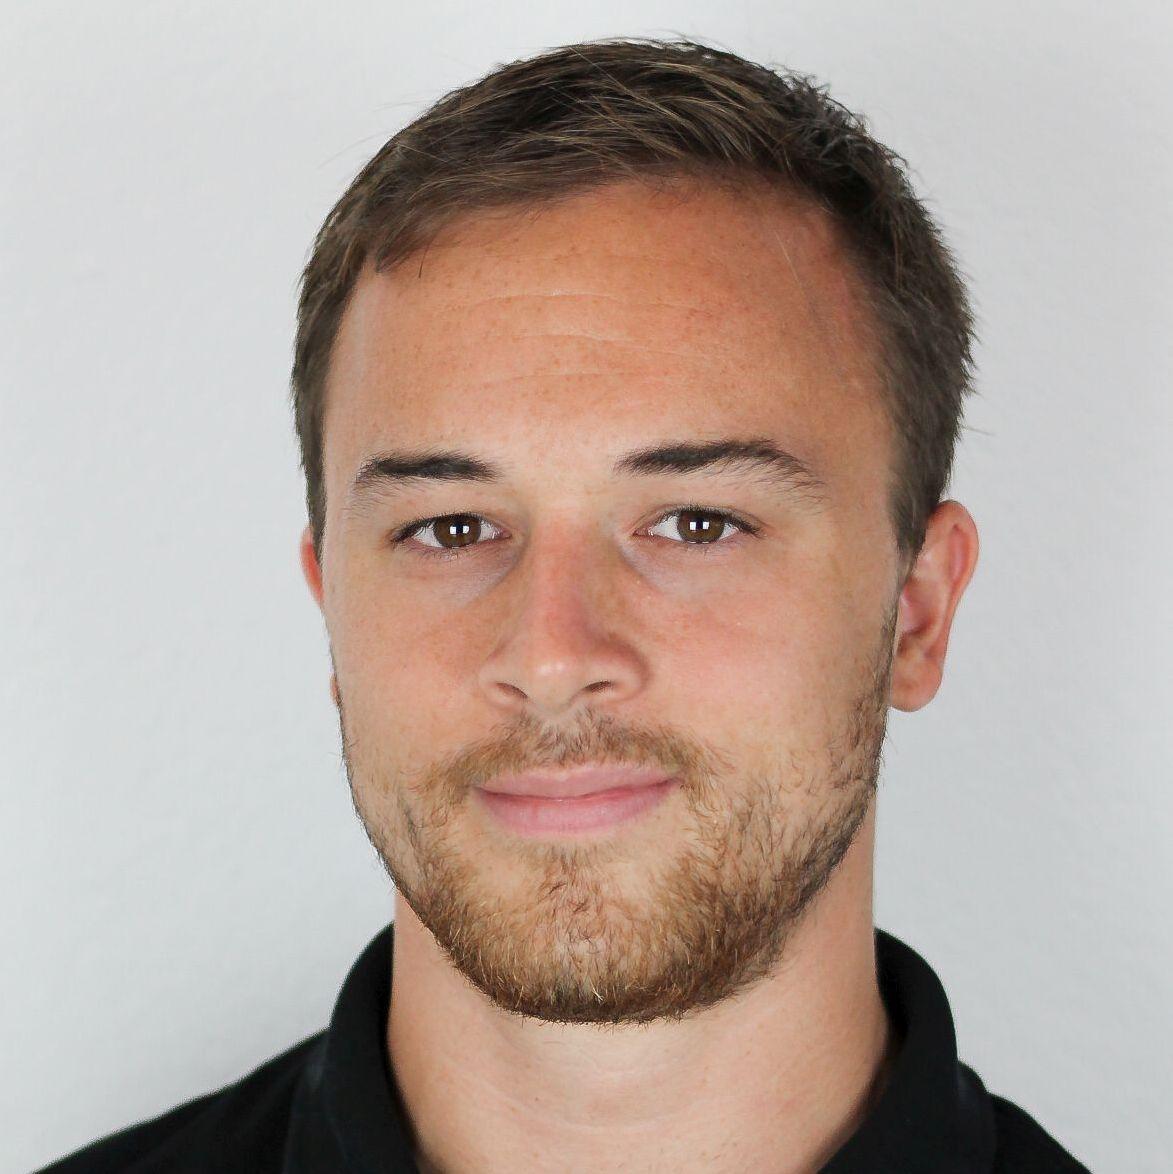 Michael Schöner